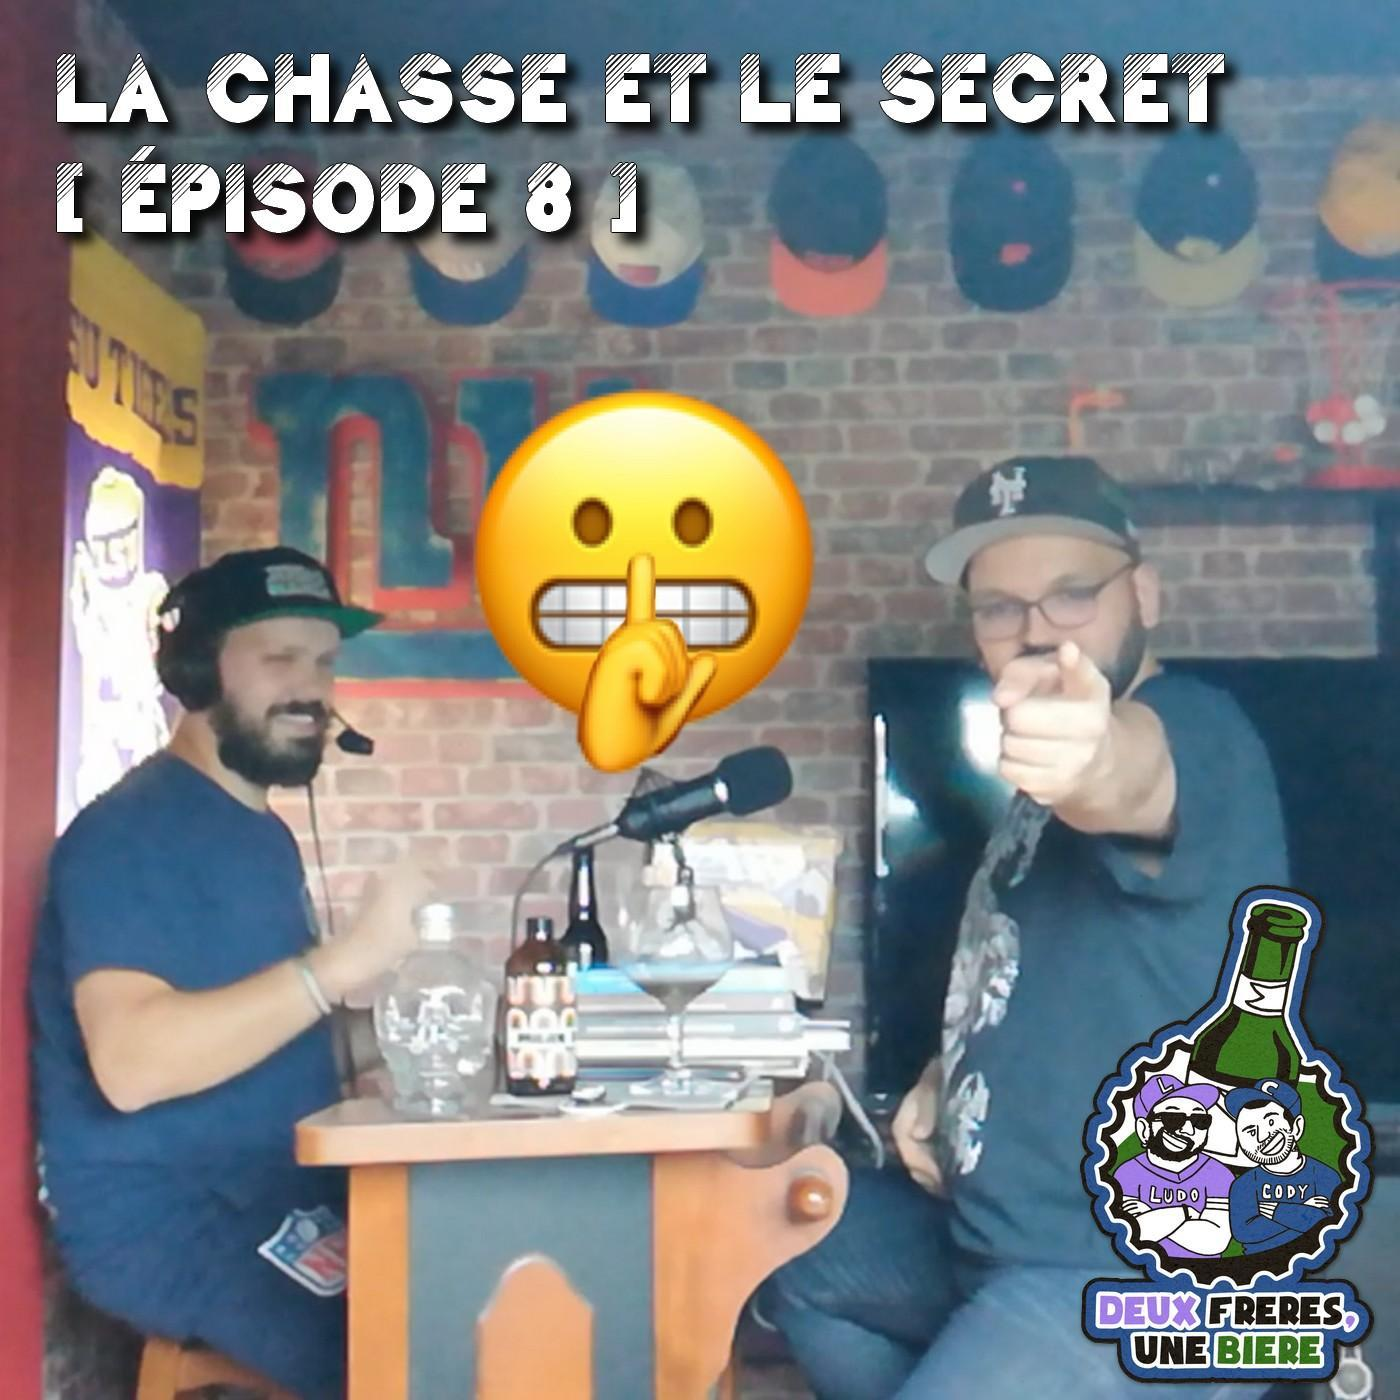 La chasse et le secret # épisode 8 [ 2 frère, Une bière]